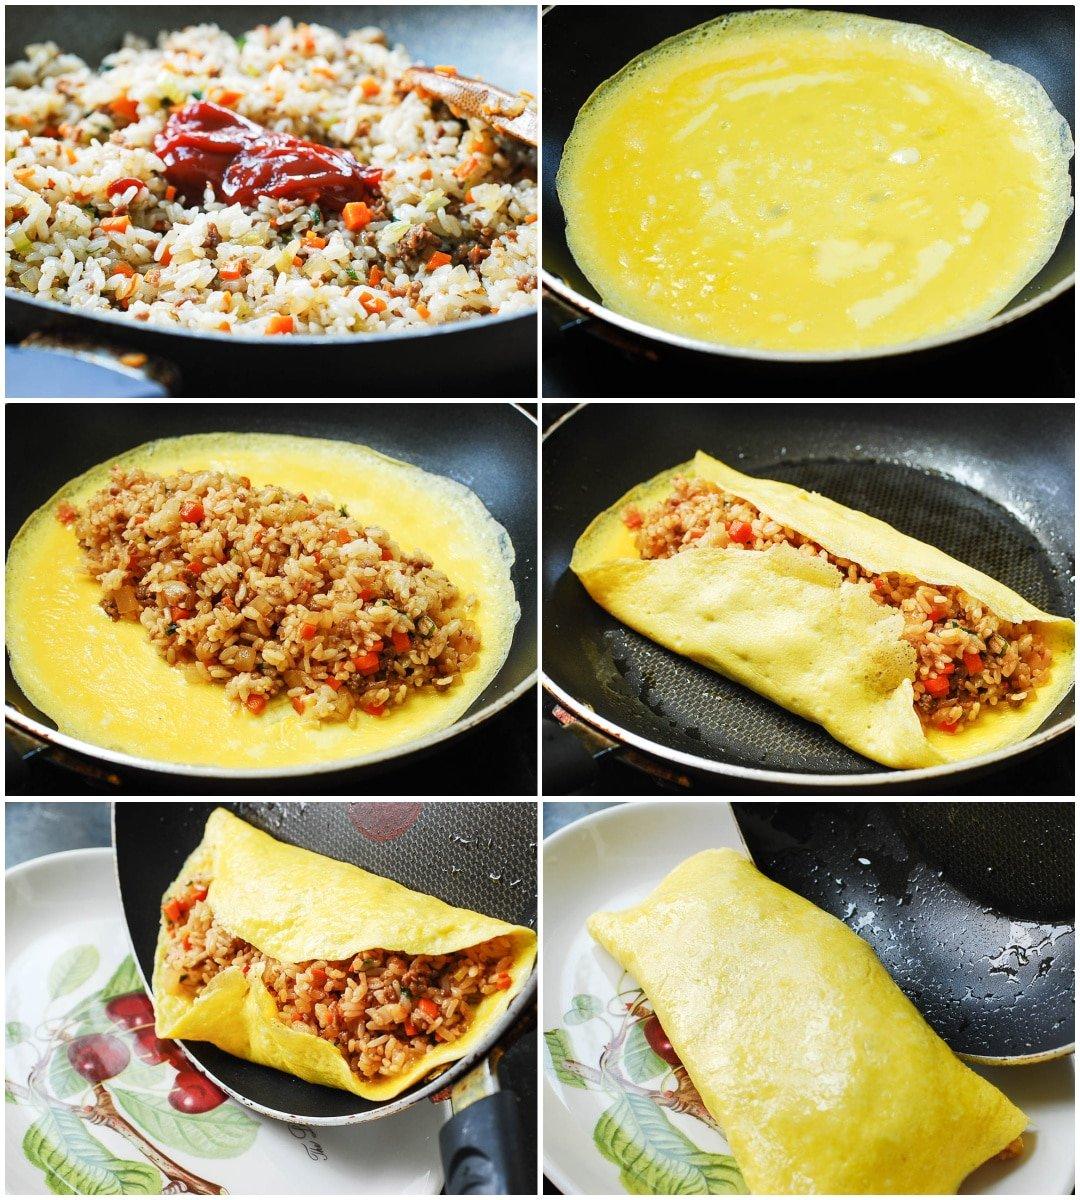 Blank 1083 x 1500 - Omurice (Omelette Rice)